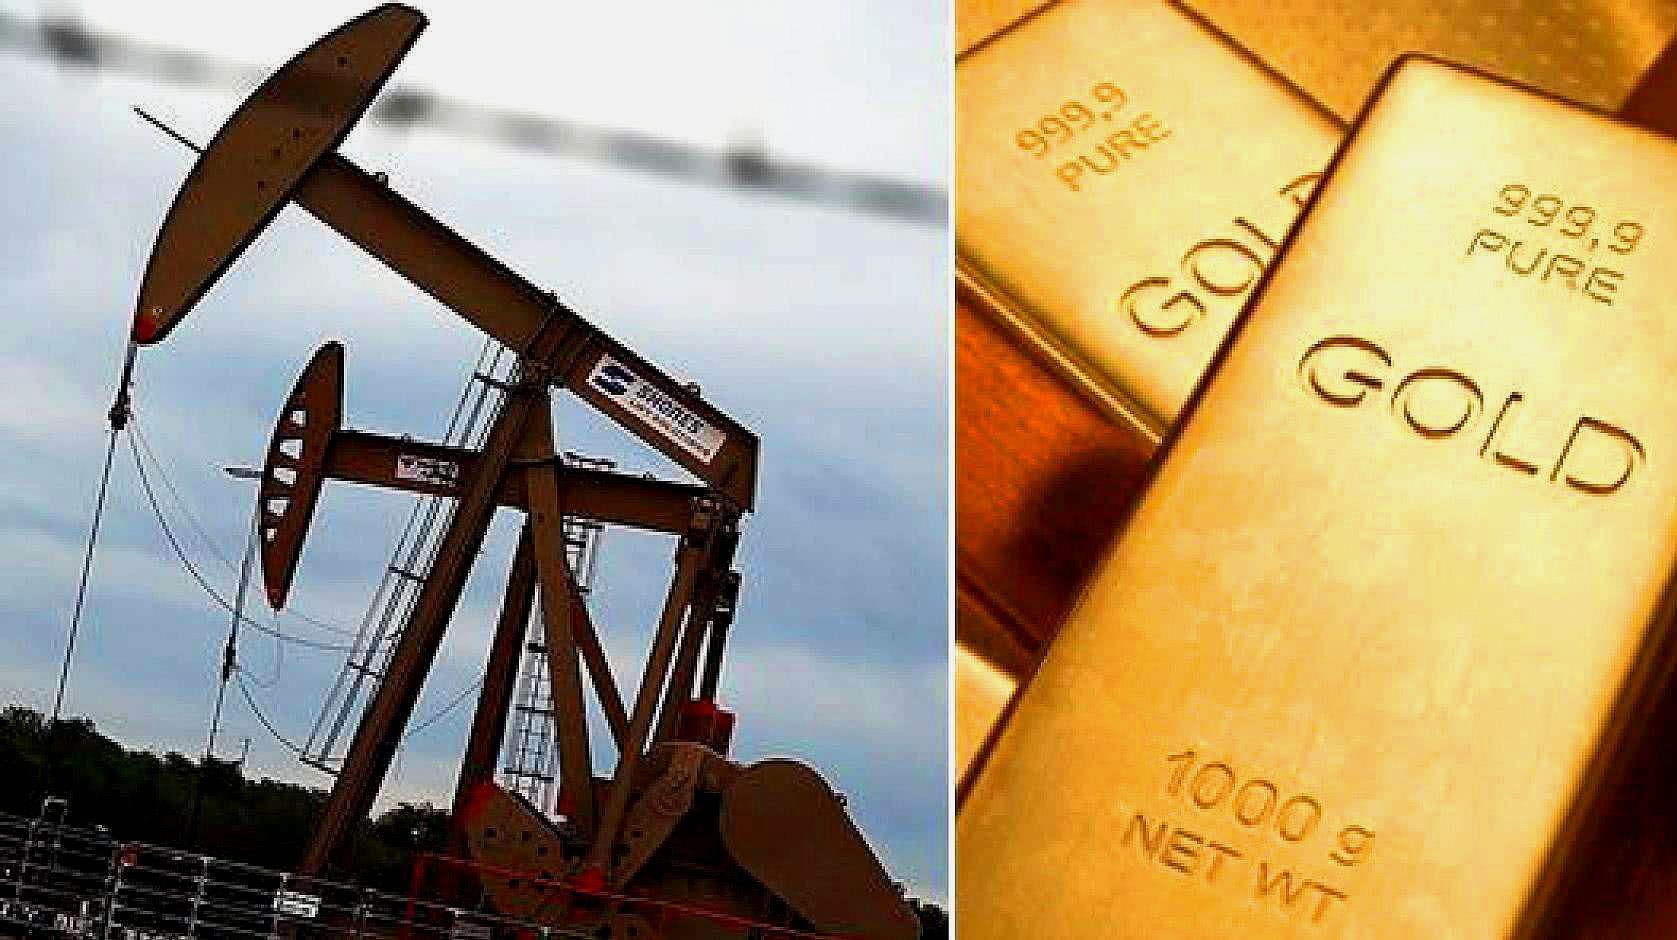 美国捍卫美元霸权不惜开战,全球黄金石油暴涨,幸亏中国早有准备